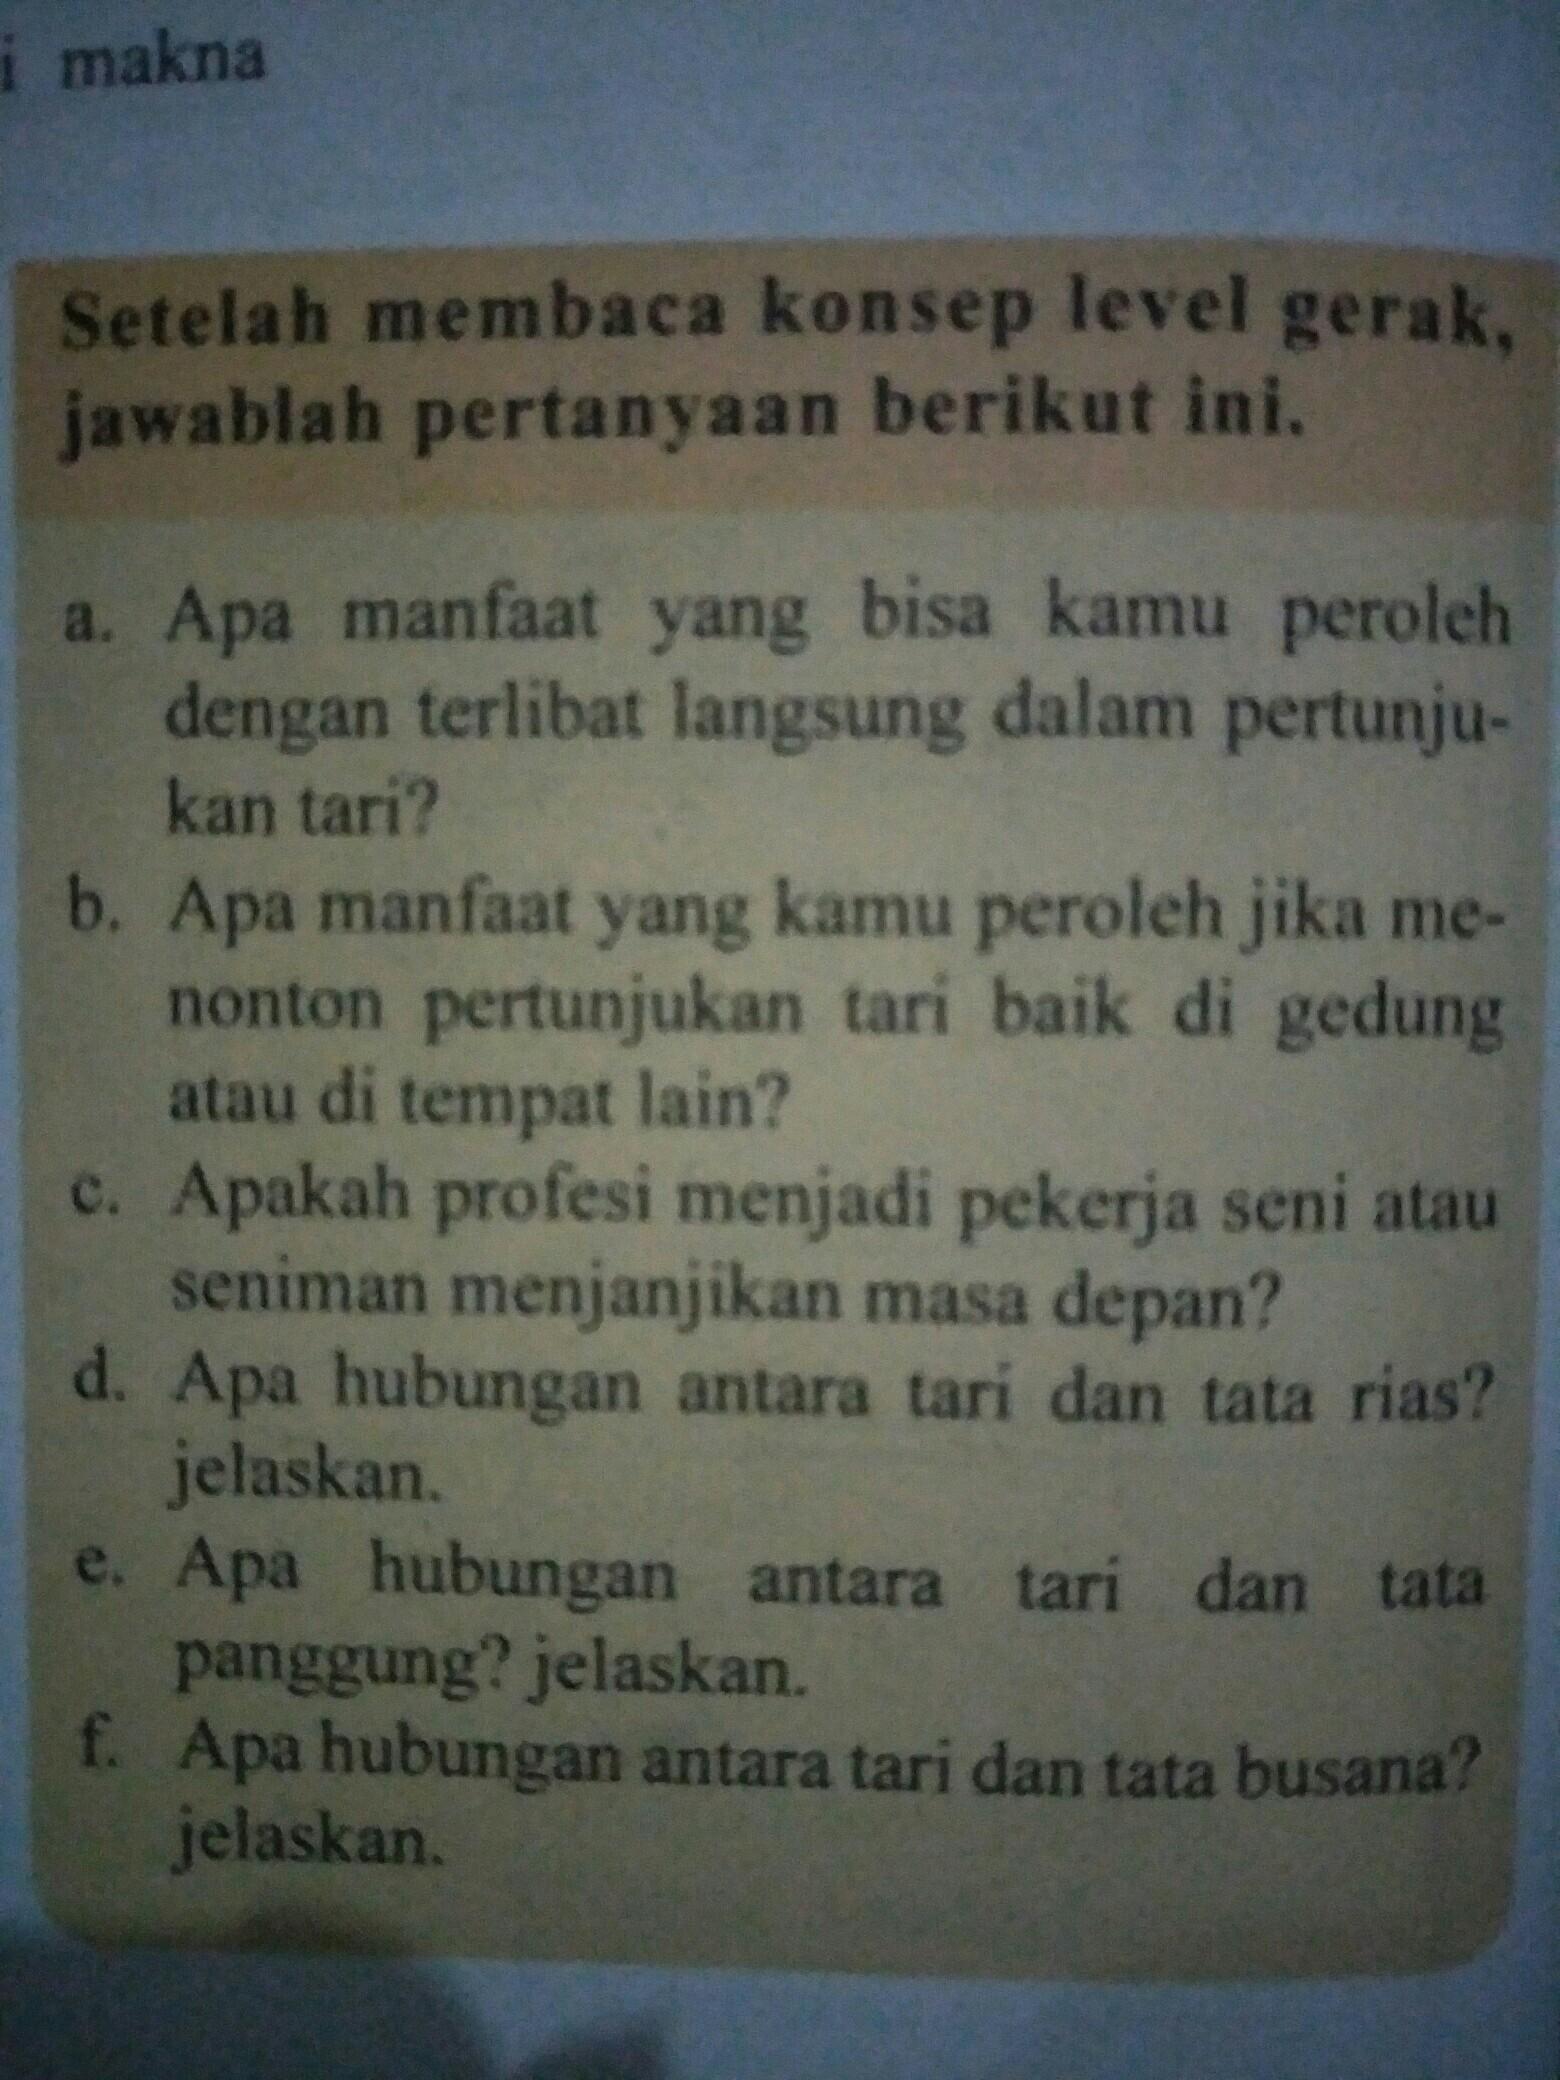 Jawaban Tugas Di Buku Paket Bahasa Indonesia Hal 153 154 Edisi Revisi 2017